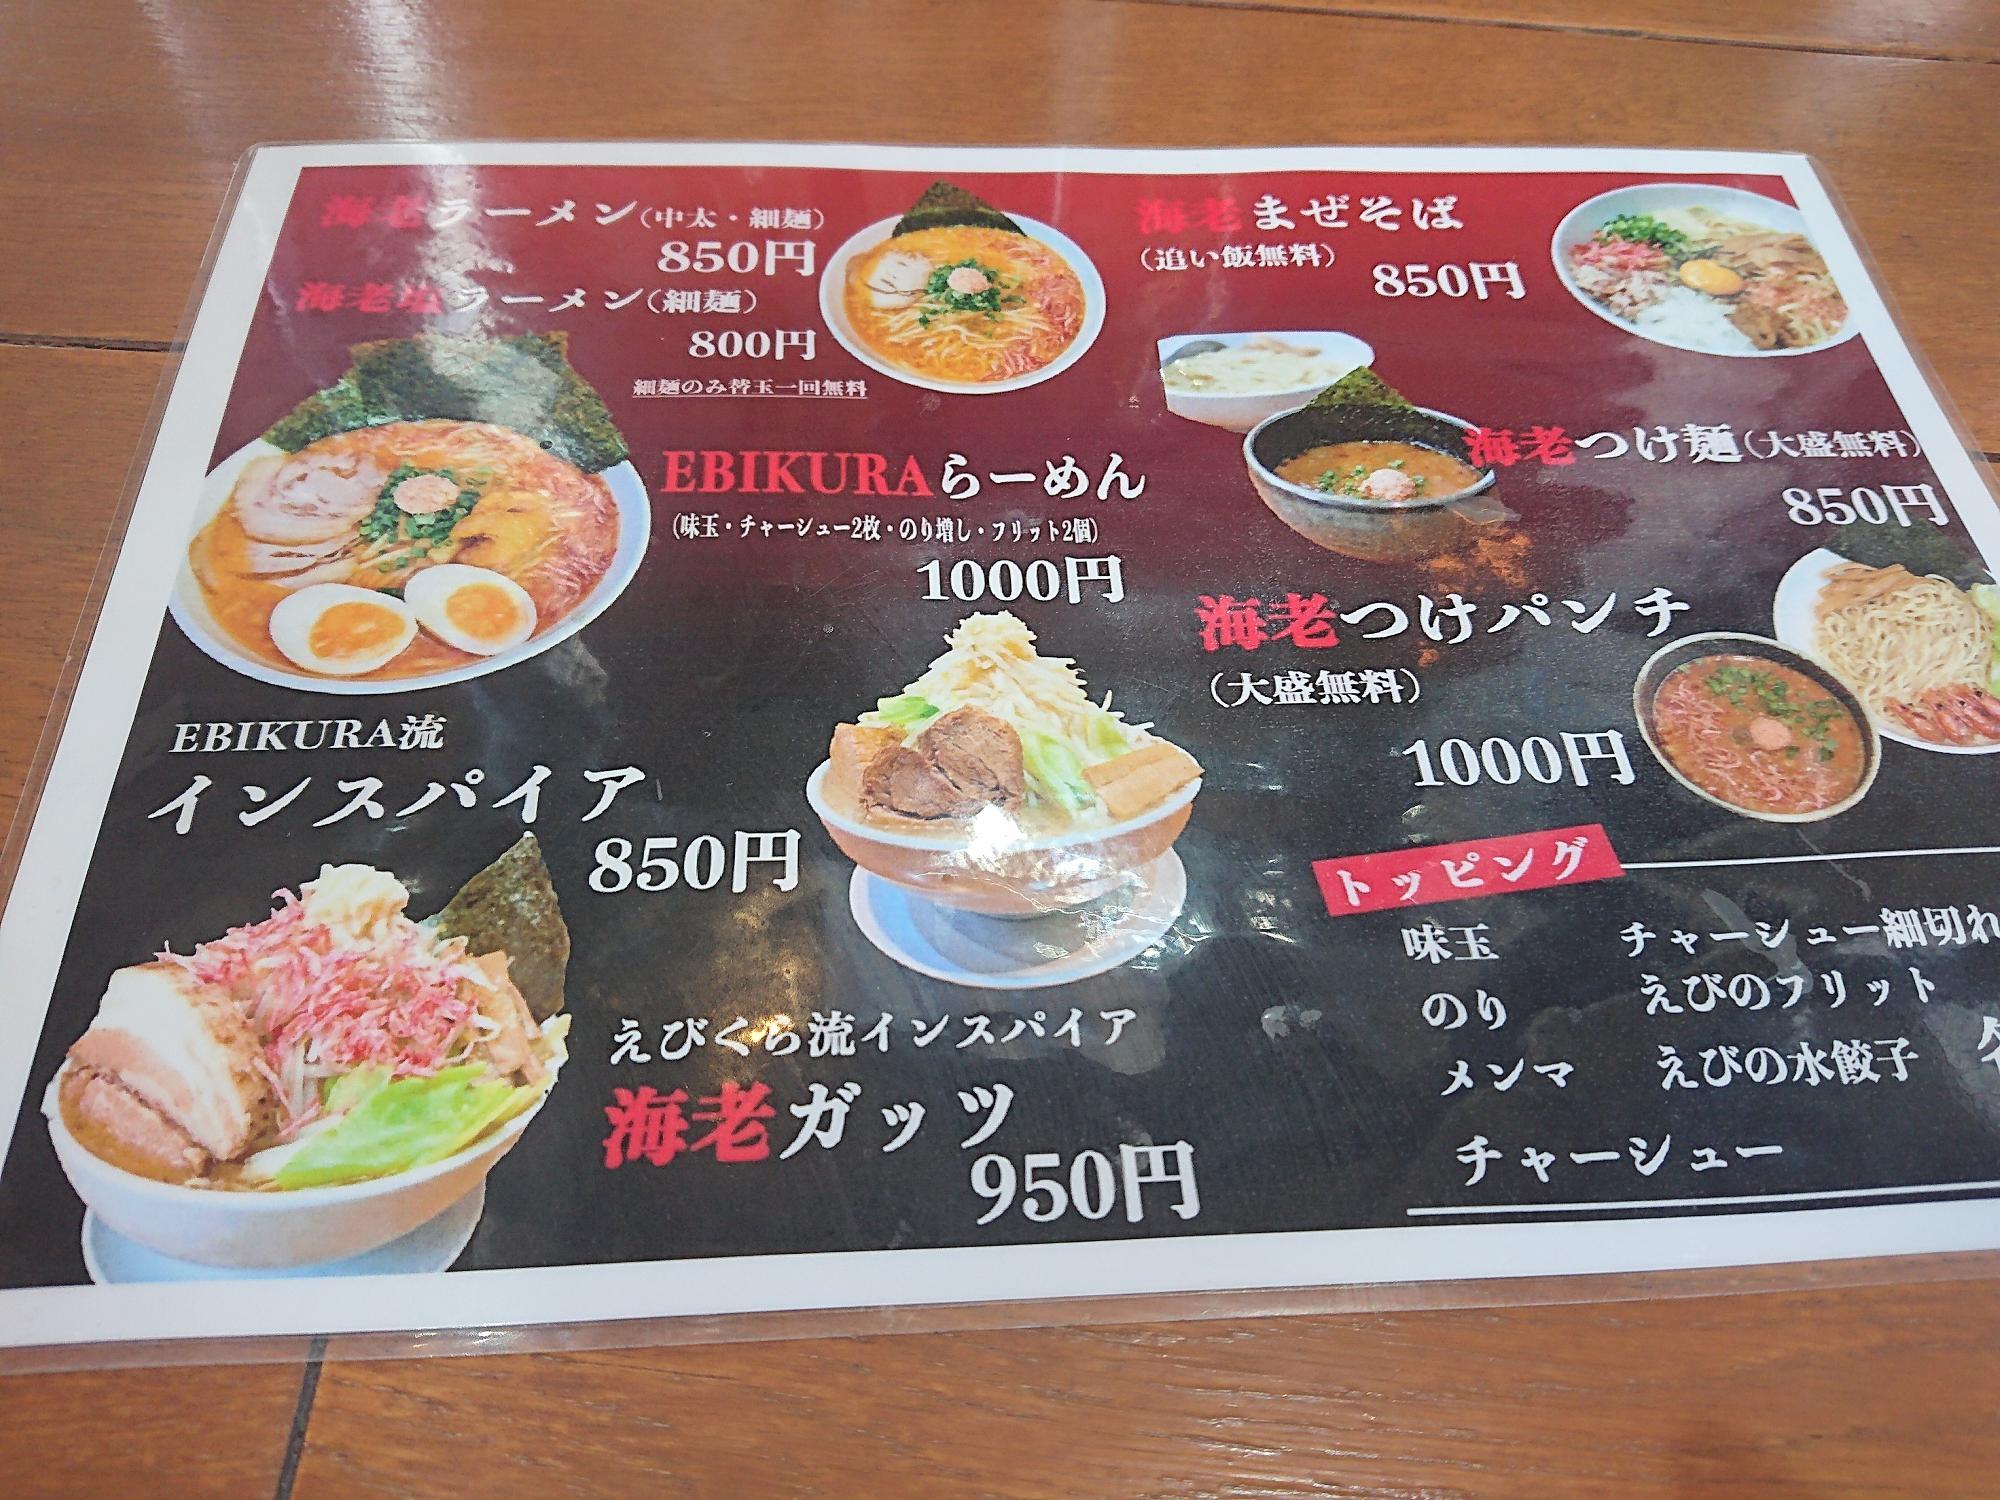 注:海老ガッツは大盛+野菜増しの画像です。